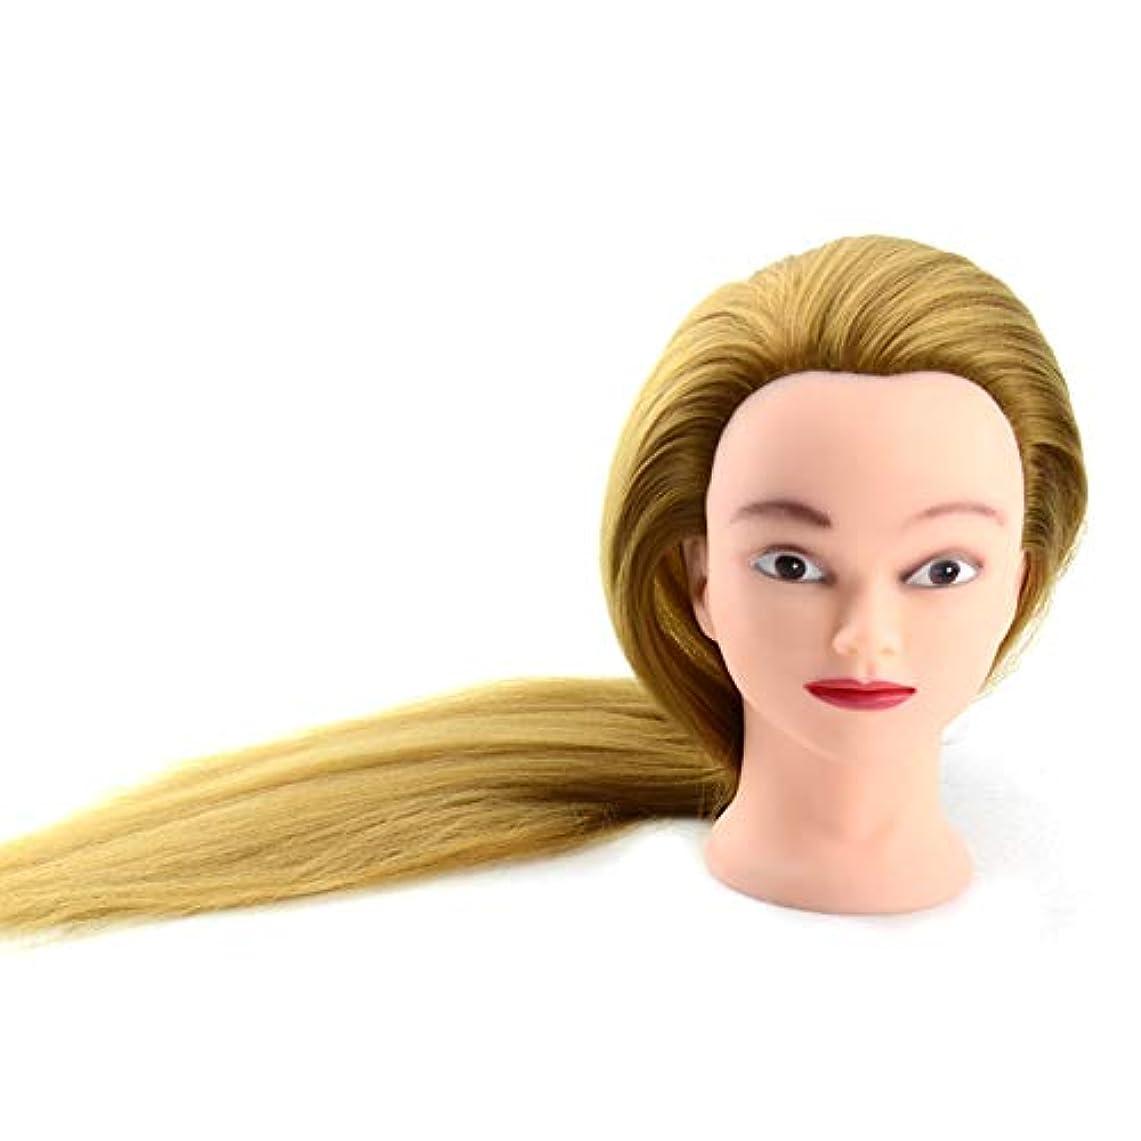 学校の先生アナリスト暖かく化学繊維ウィッグヘッドモデル花嫁メイクスタイリング練習ダミーヘッドサロントリミング学習マネキンヘッド